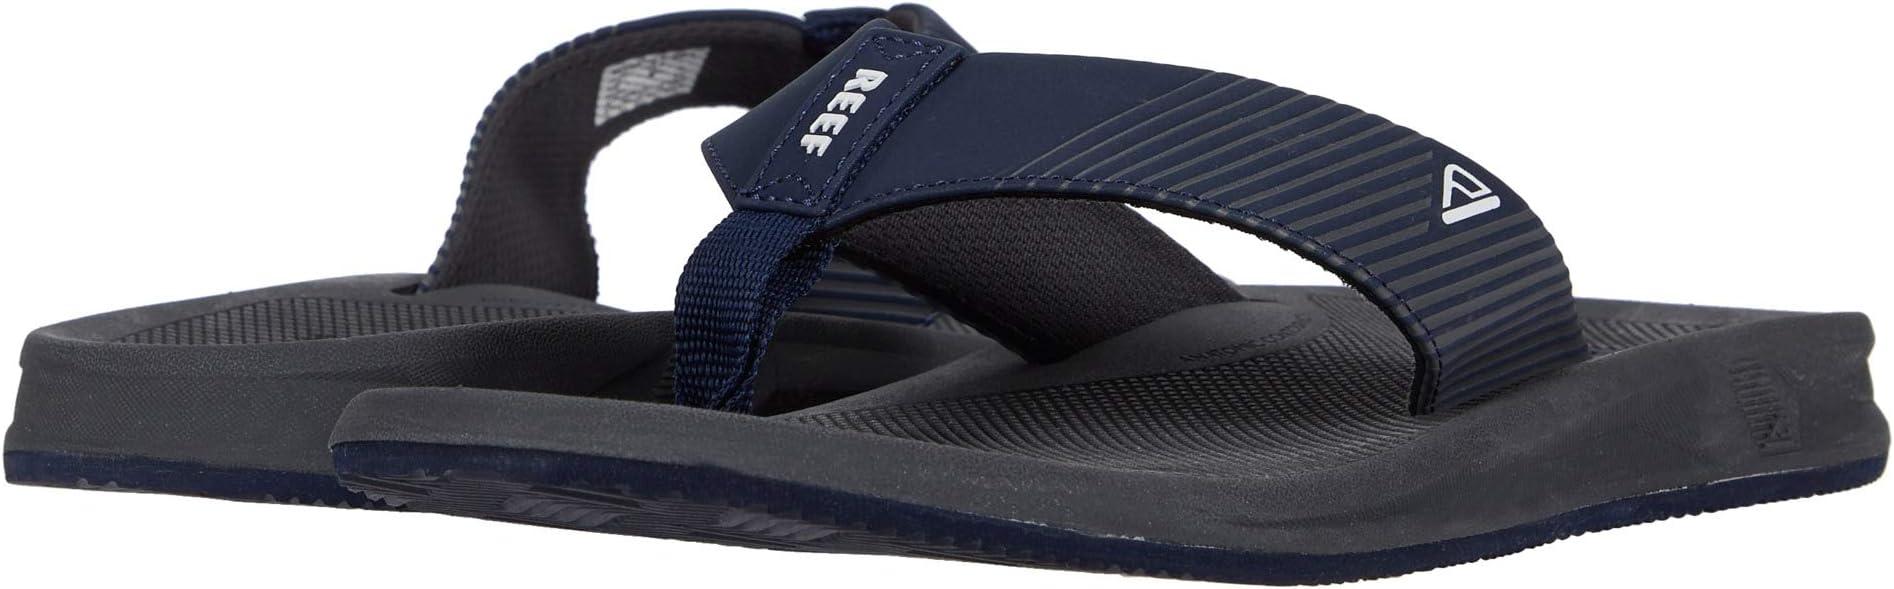 TC-1-Mens-Sandals-2020-24-20